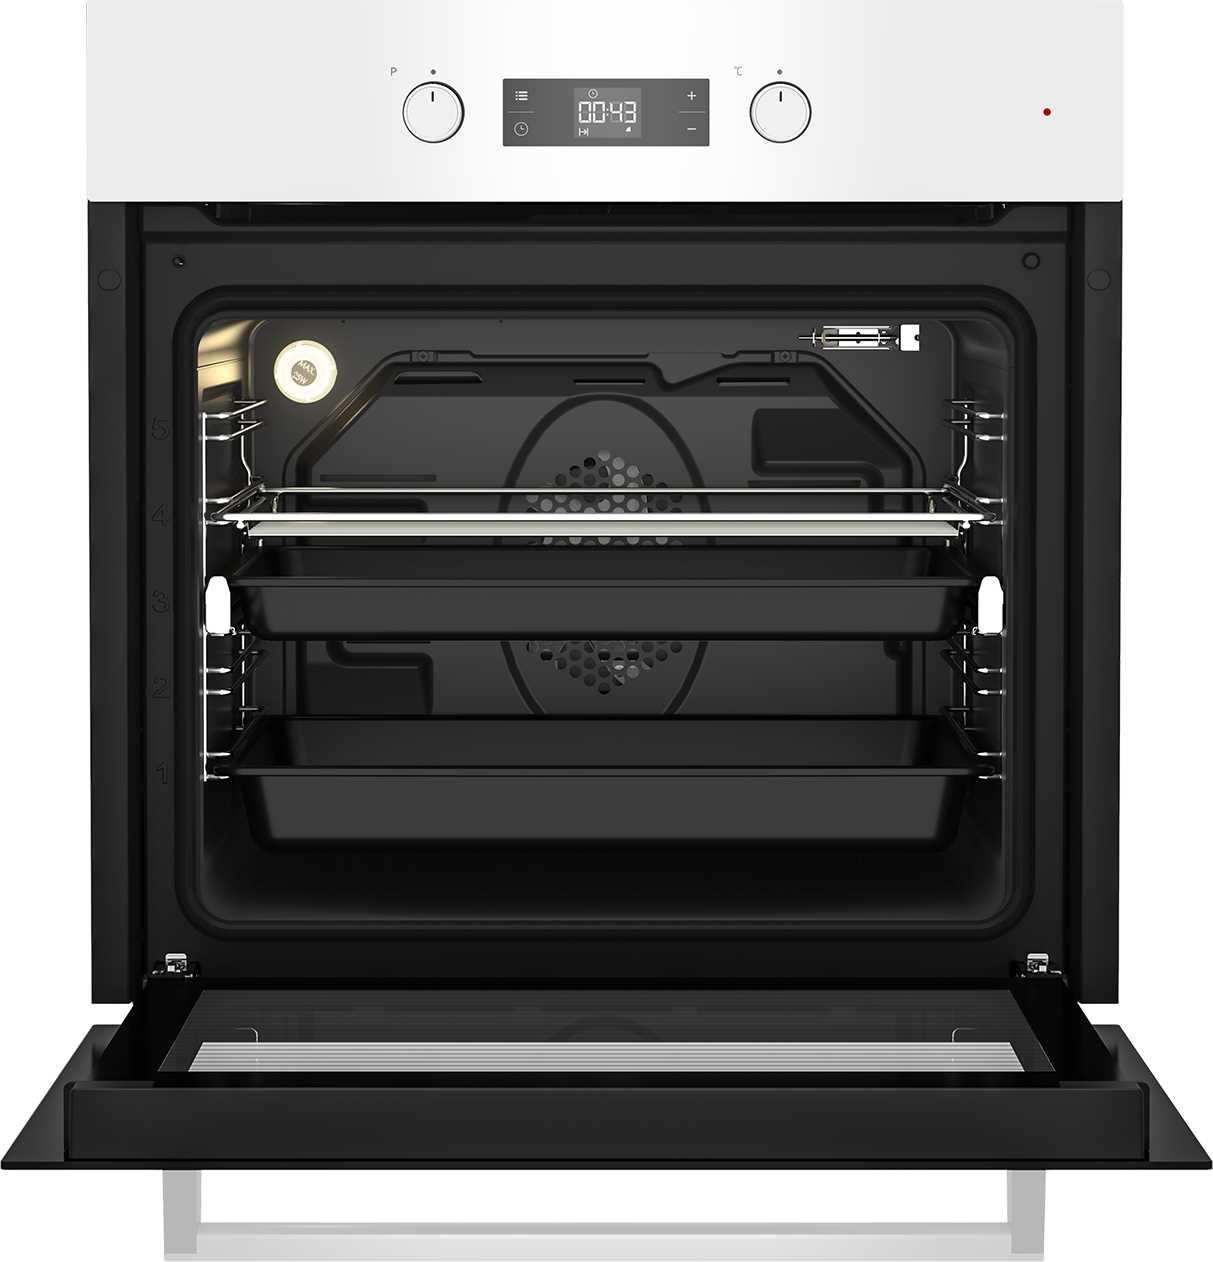 תנור בנוי Beko BIM22301W בקו - תמונה 4